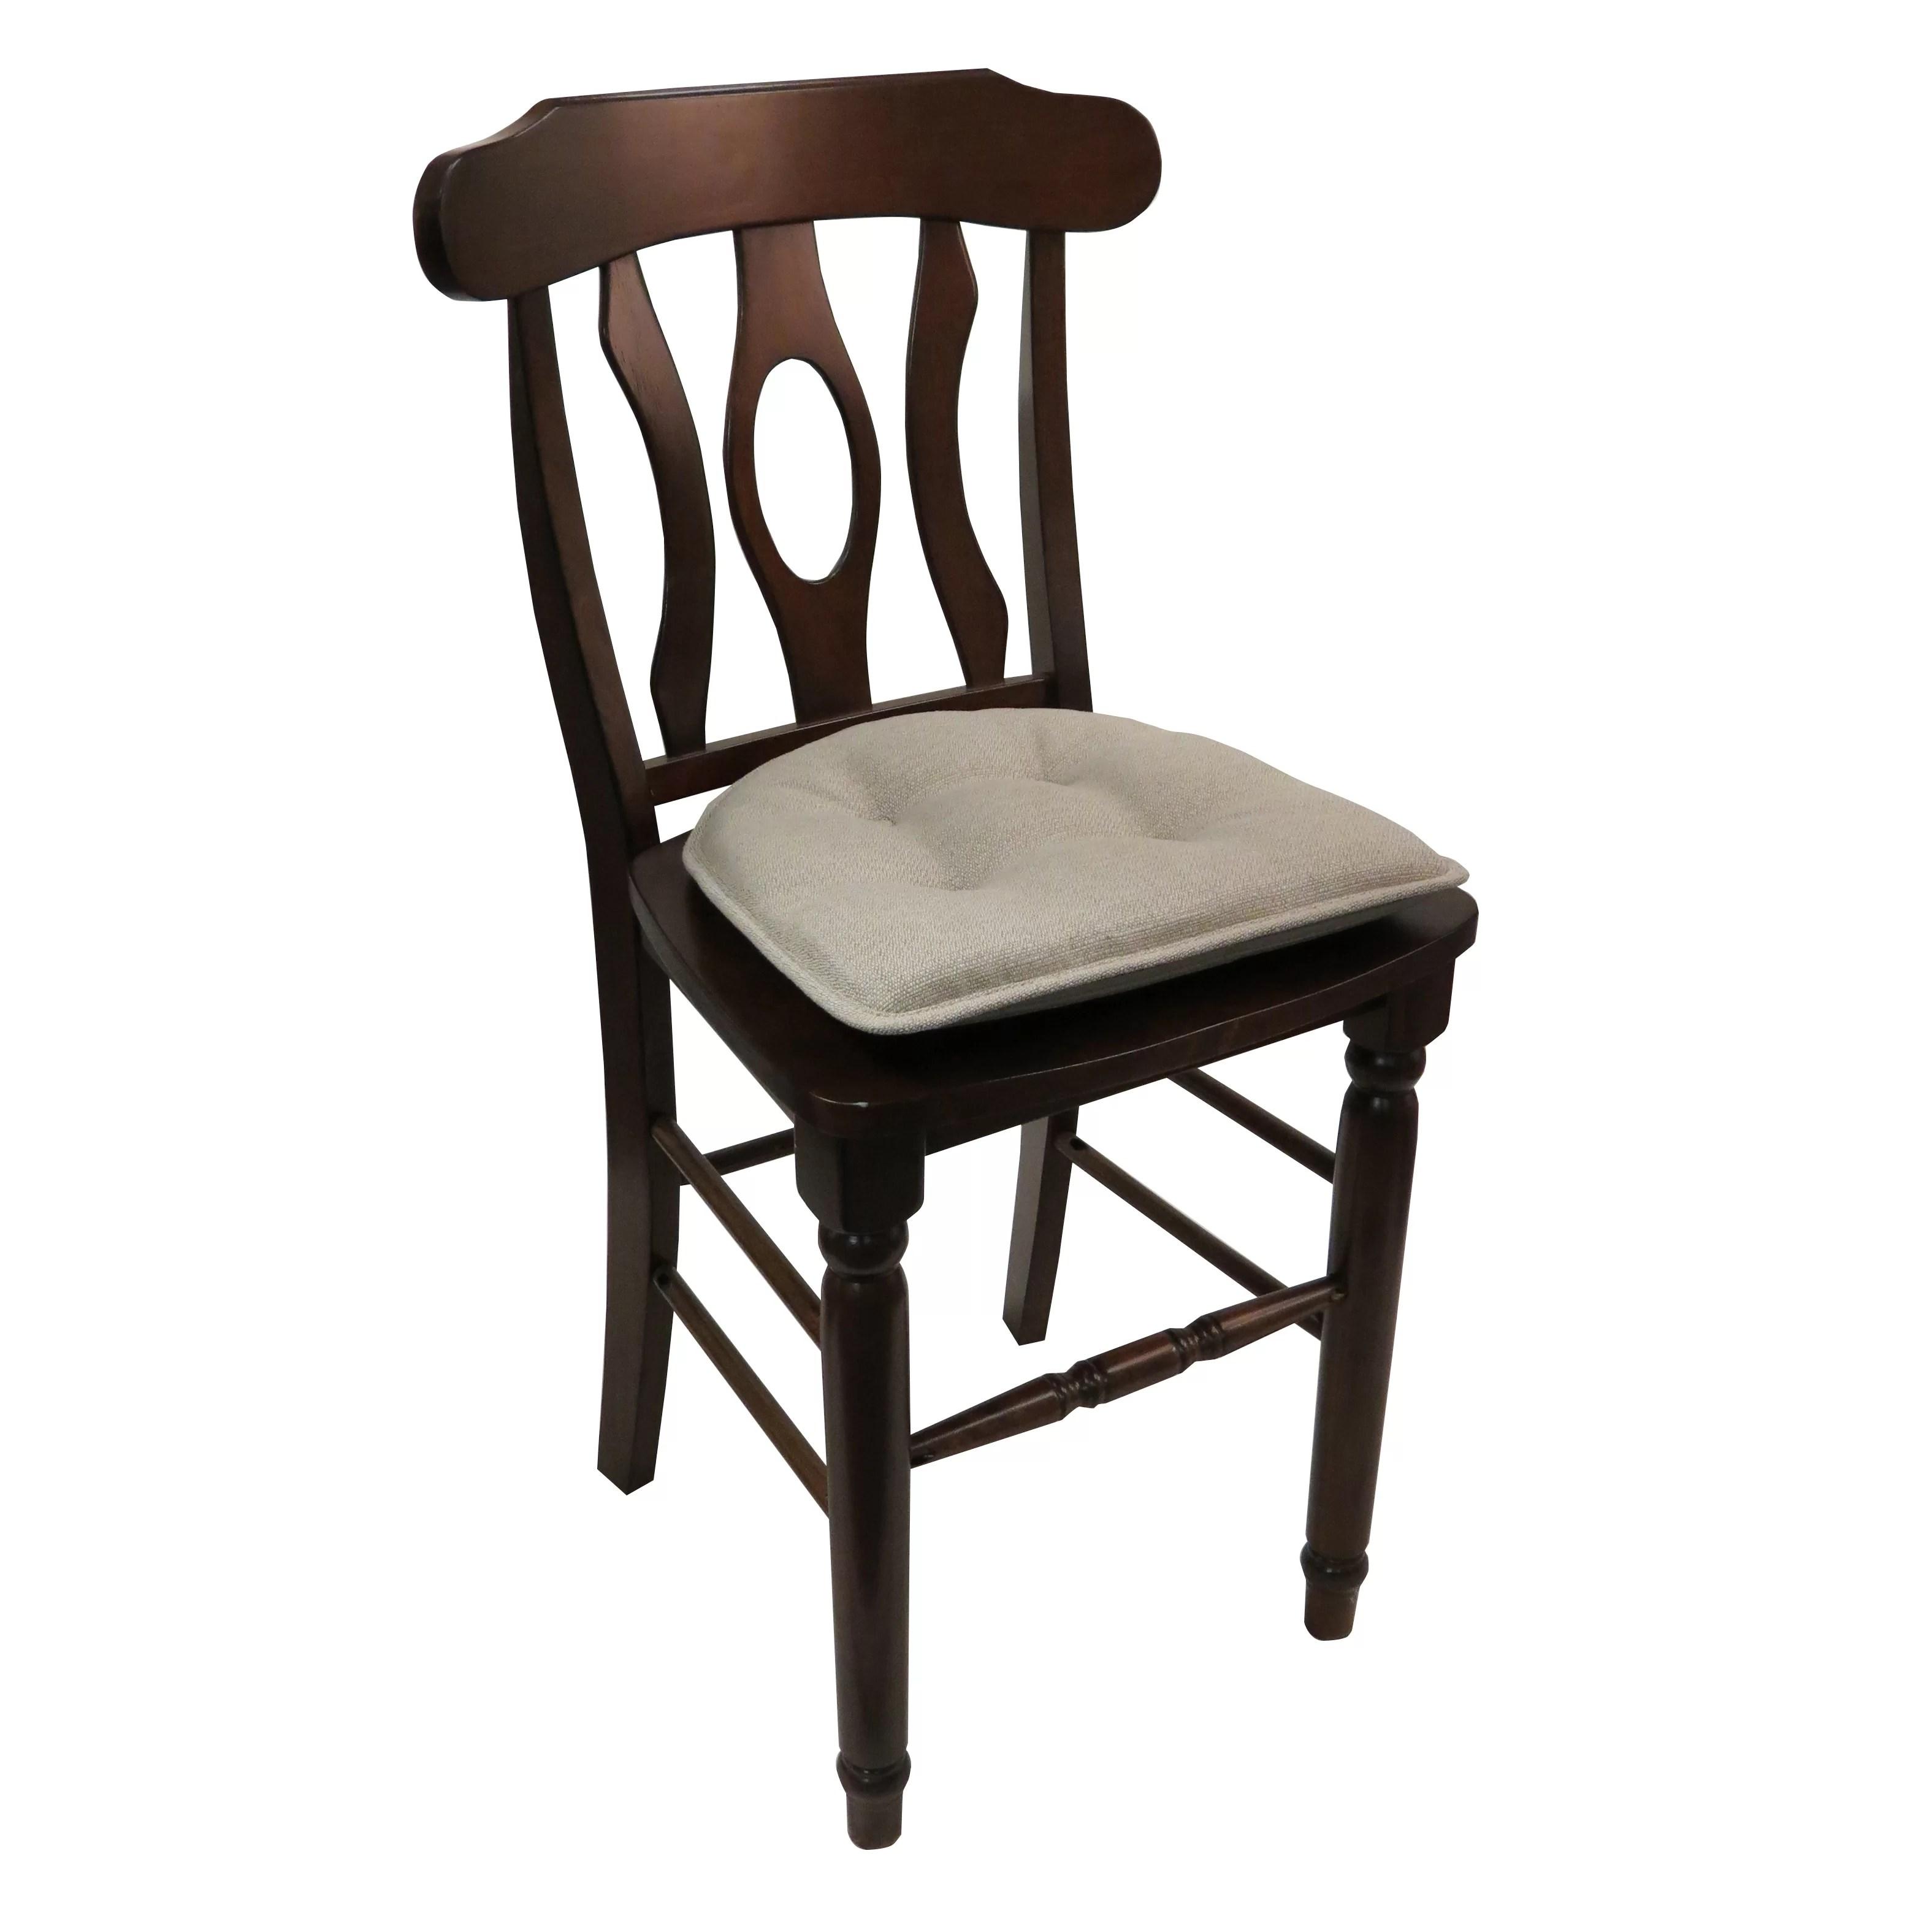 dining chair cushions non slip wayfair covers basics tufted gripper cushion